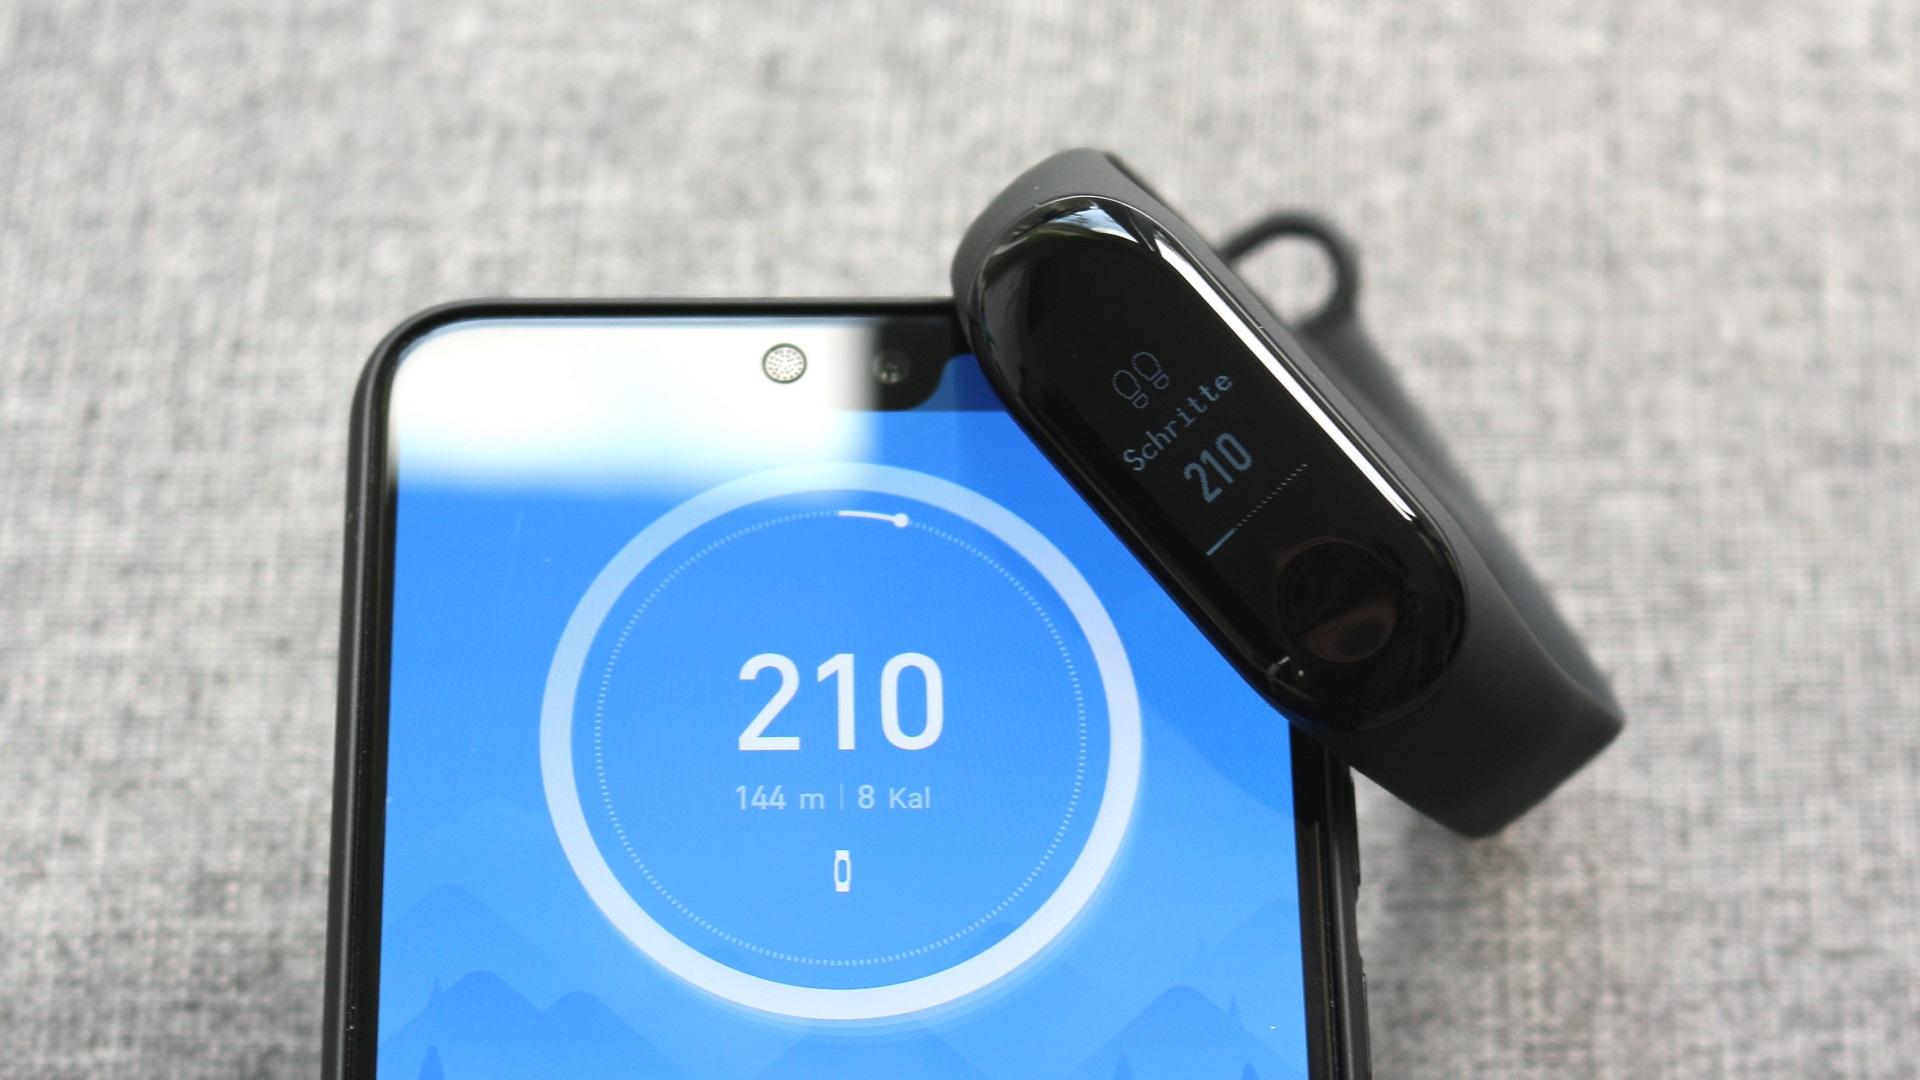 Mittlerweile ist der Preis für das Xiaomi Mi Band 3 auch bei Amazon deutlich gefallen Knapp über 30 Euro fallen nur noch an Man hat Prime Versand und